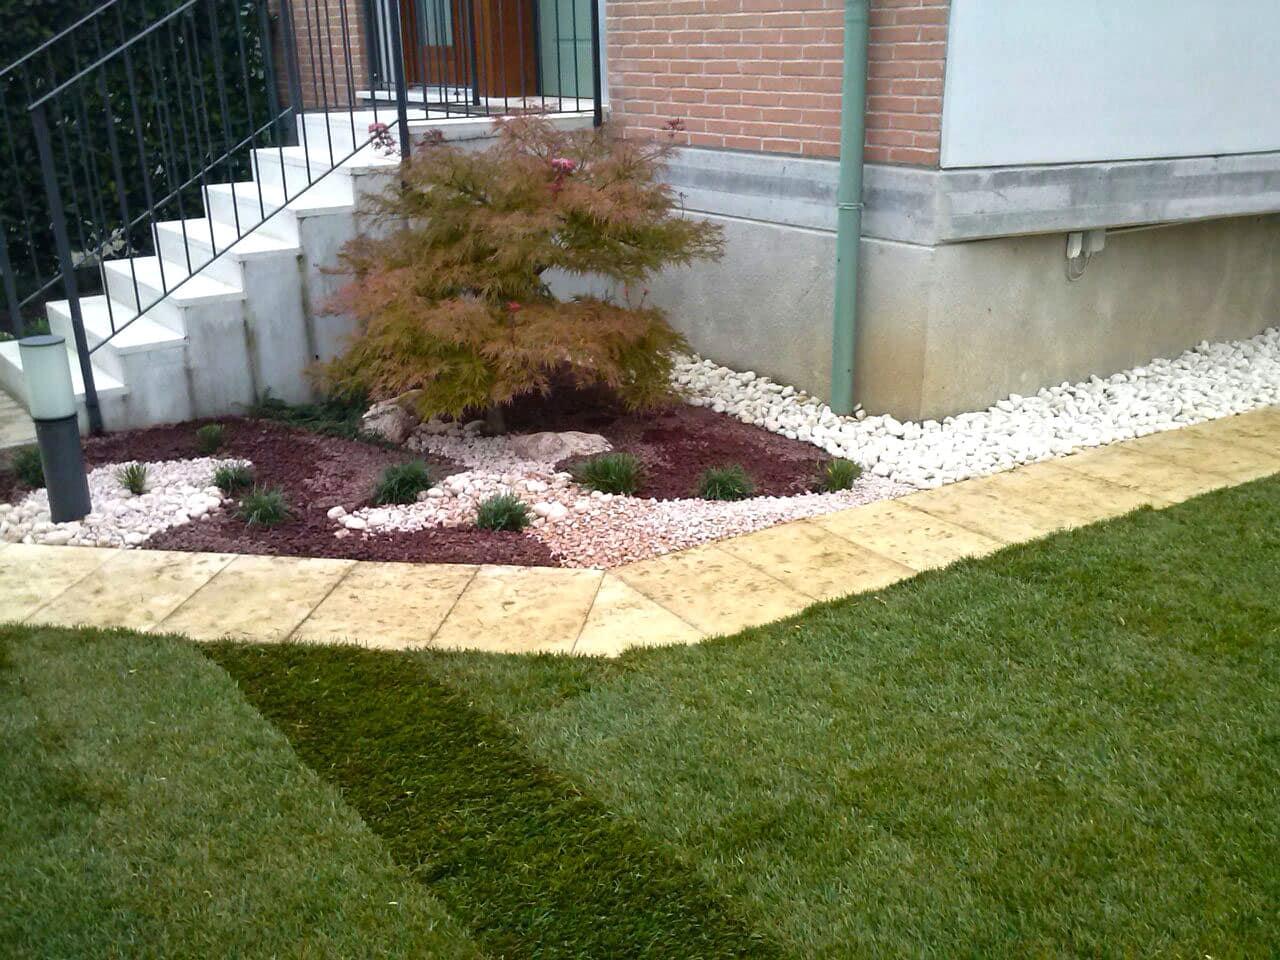 Muretti camminamenti giardino 4 giardinieri a vicenza e - Piante per aiuole da giardino ...